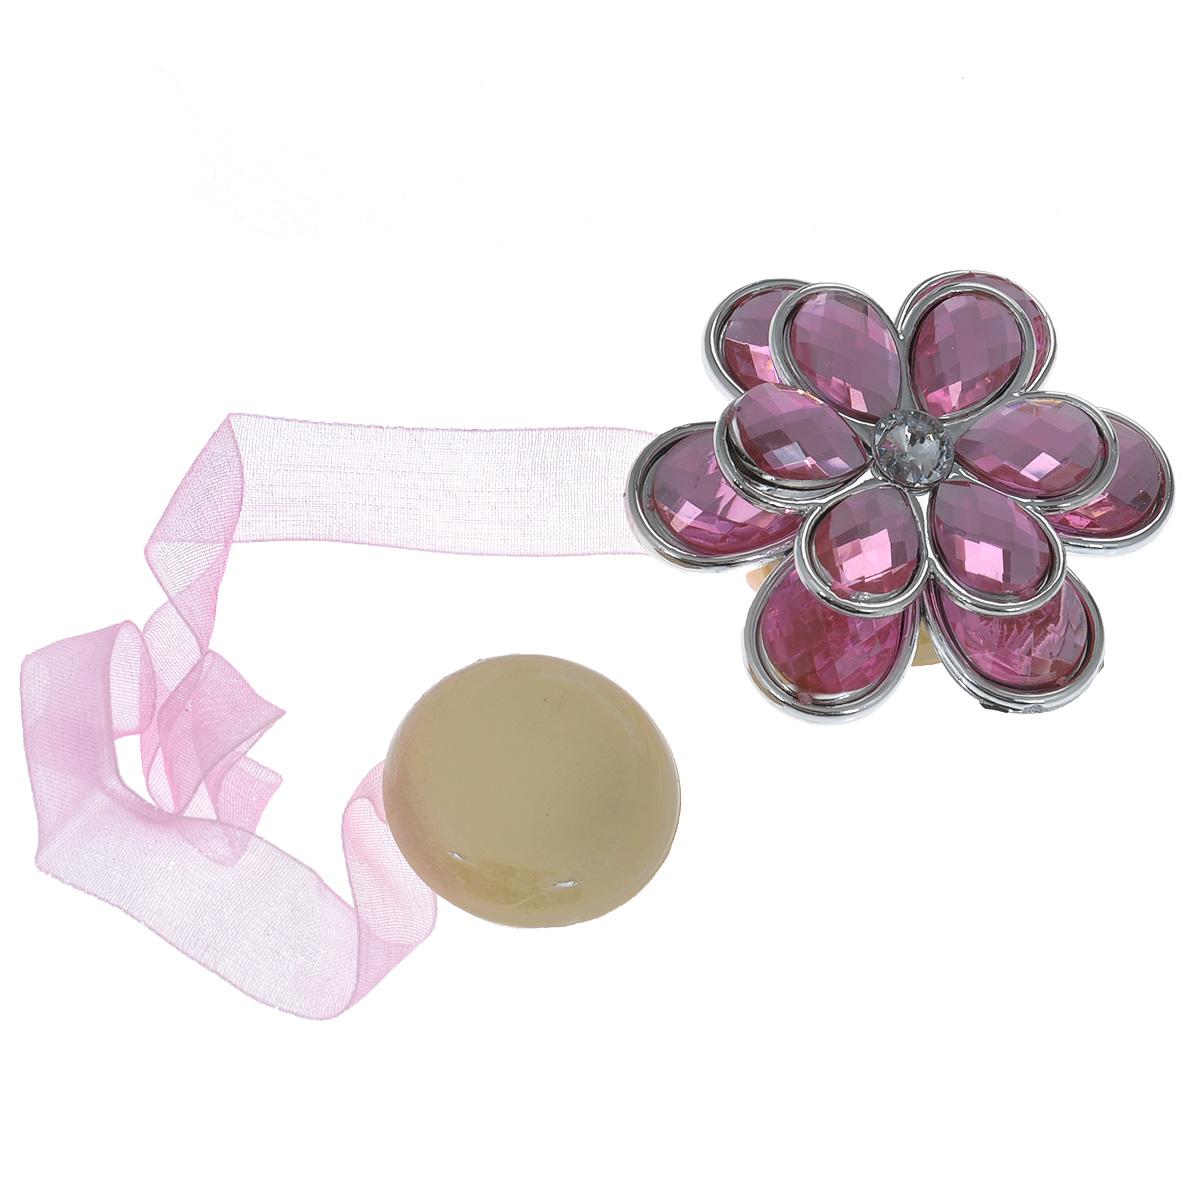 Клипса-магнит для штор Calamita Fiore, цвет: розовый. 7704021_5517704021_551Клипса-магнит Calamita Fiore, изготовленная из пластика и текстиля, предназначена для придания формы шторам. Изделие представляет собой два магнита, расположенные на разных концах текстильной ленты. Один из магнитов оформлен декоративным цветком. С помощью такой магнитной клипсы можно зафиксировать портьеры, придать им требуемое положение, сделать складки симметричными или приблизить портьеры, скрепить их. Клипсы для штор являются универсальным изделием, которое превосходно подойдет как для штор в детской комнате, так и для штор в гостиной. Следует отметить, что клипсы для штор выполняют не только практическую функцию, но также являются одной из основных деталей декора этого изделия, которая придает шторам восхитительный, стильный внешний вид. Диаметр декоративного цветка: 5 см. Диаметр магнита: 2,5 см. Длина ленты: 25 см.